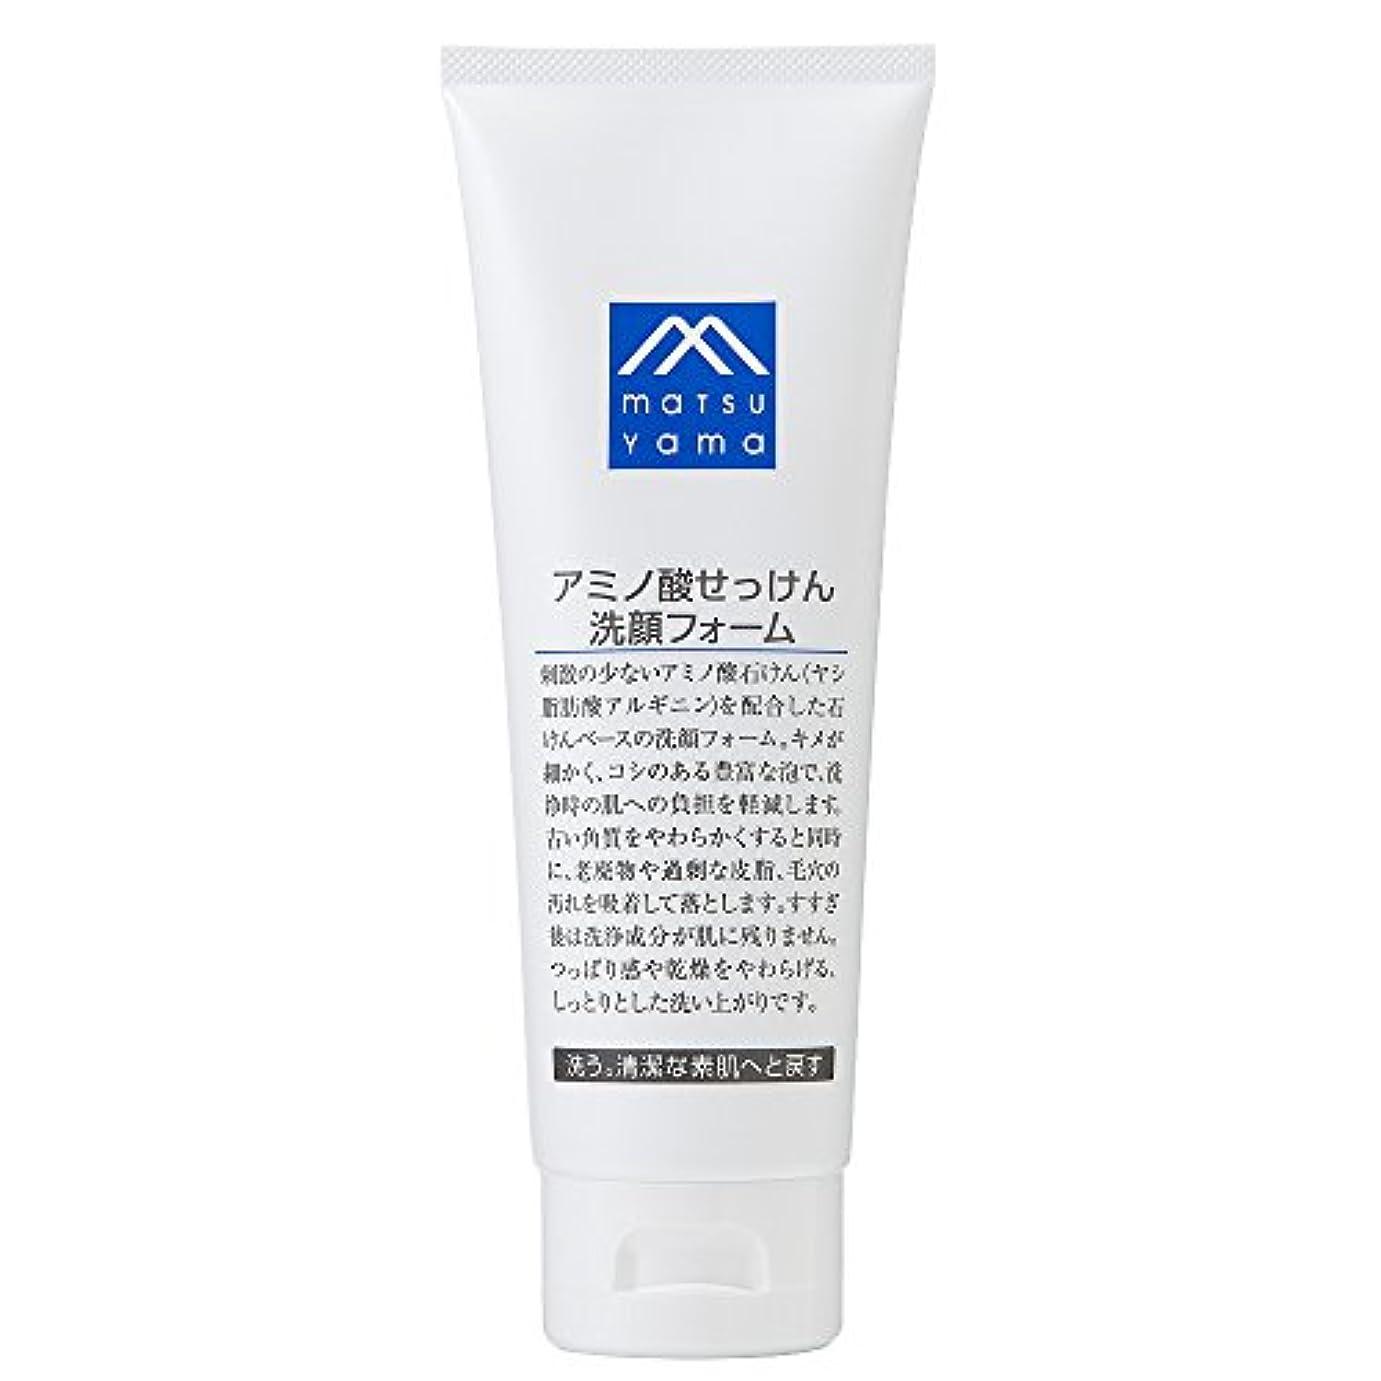 ぐるぐる助言する列挙するM-mark アミノ酸せっけん洗顔フォーム